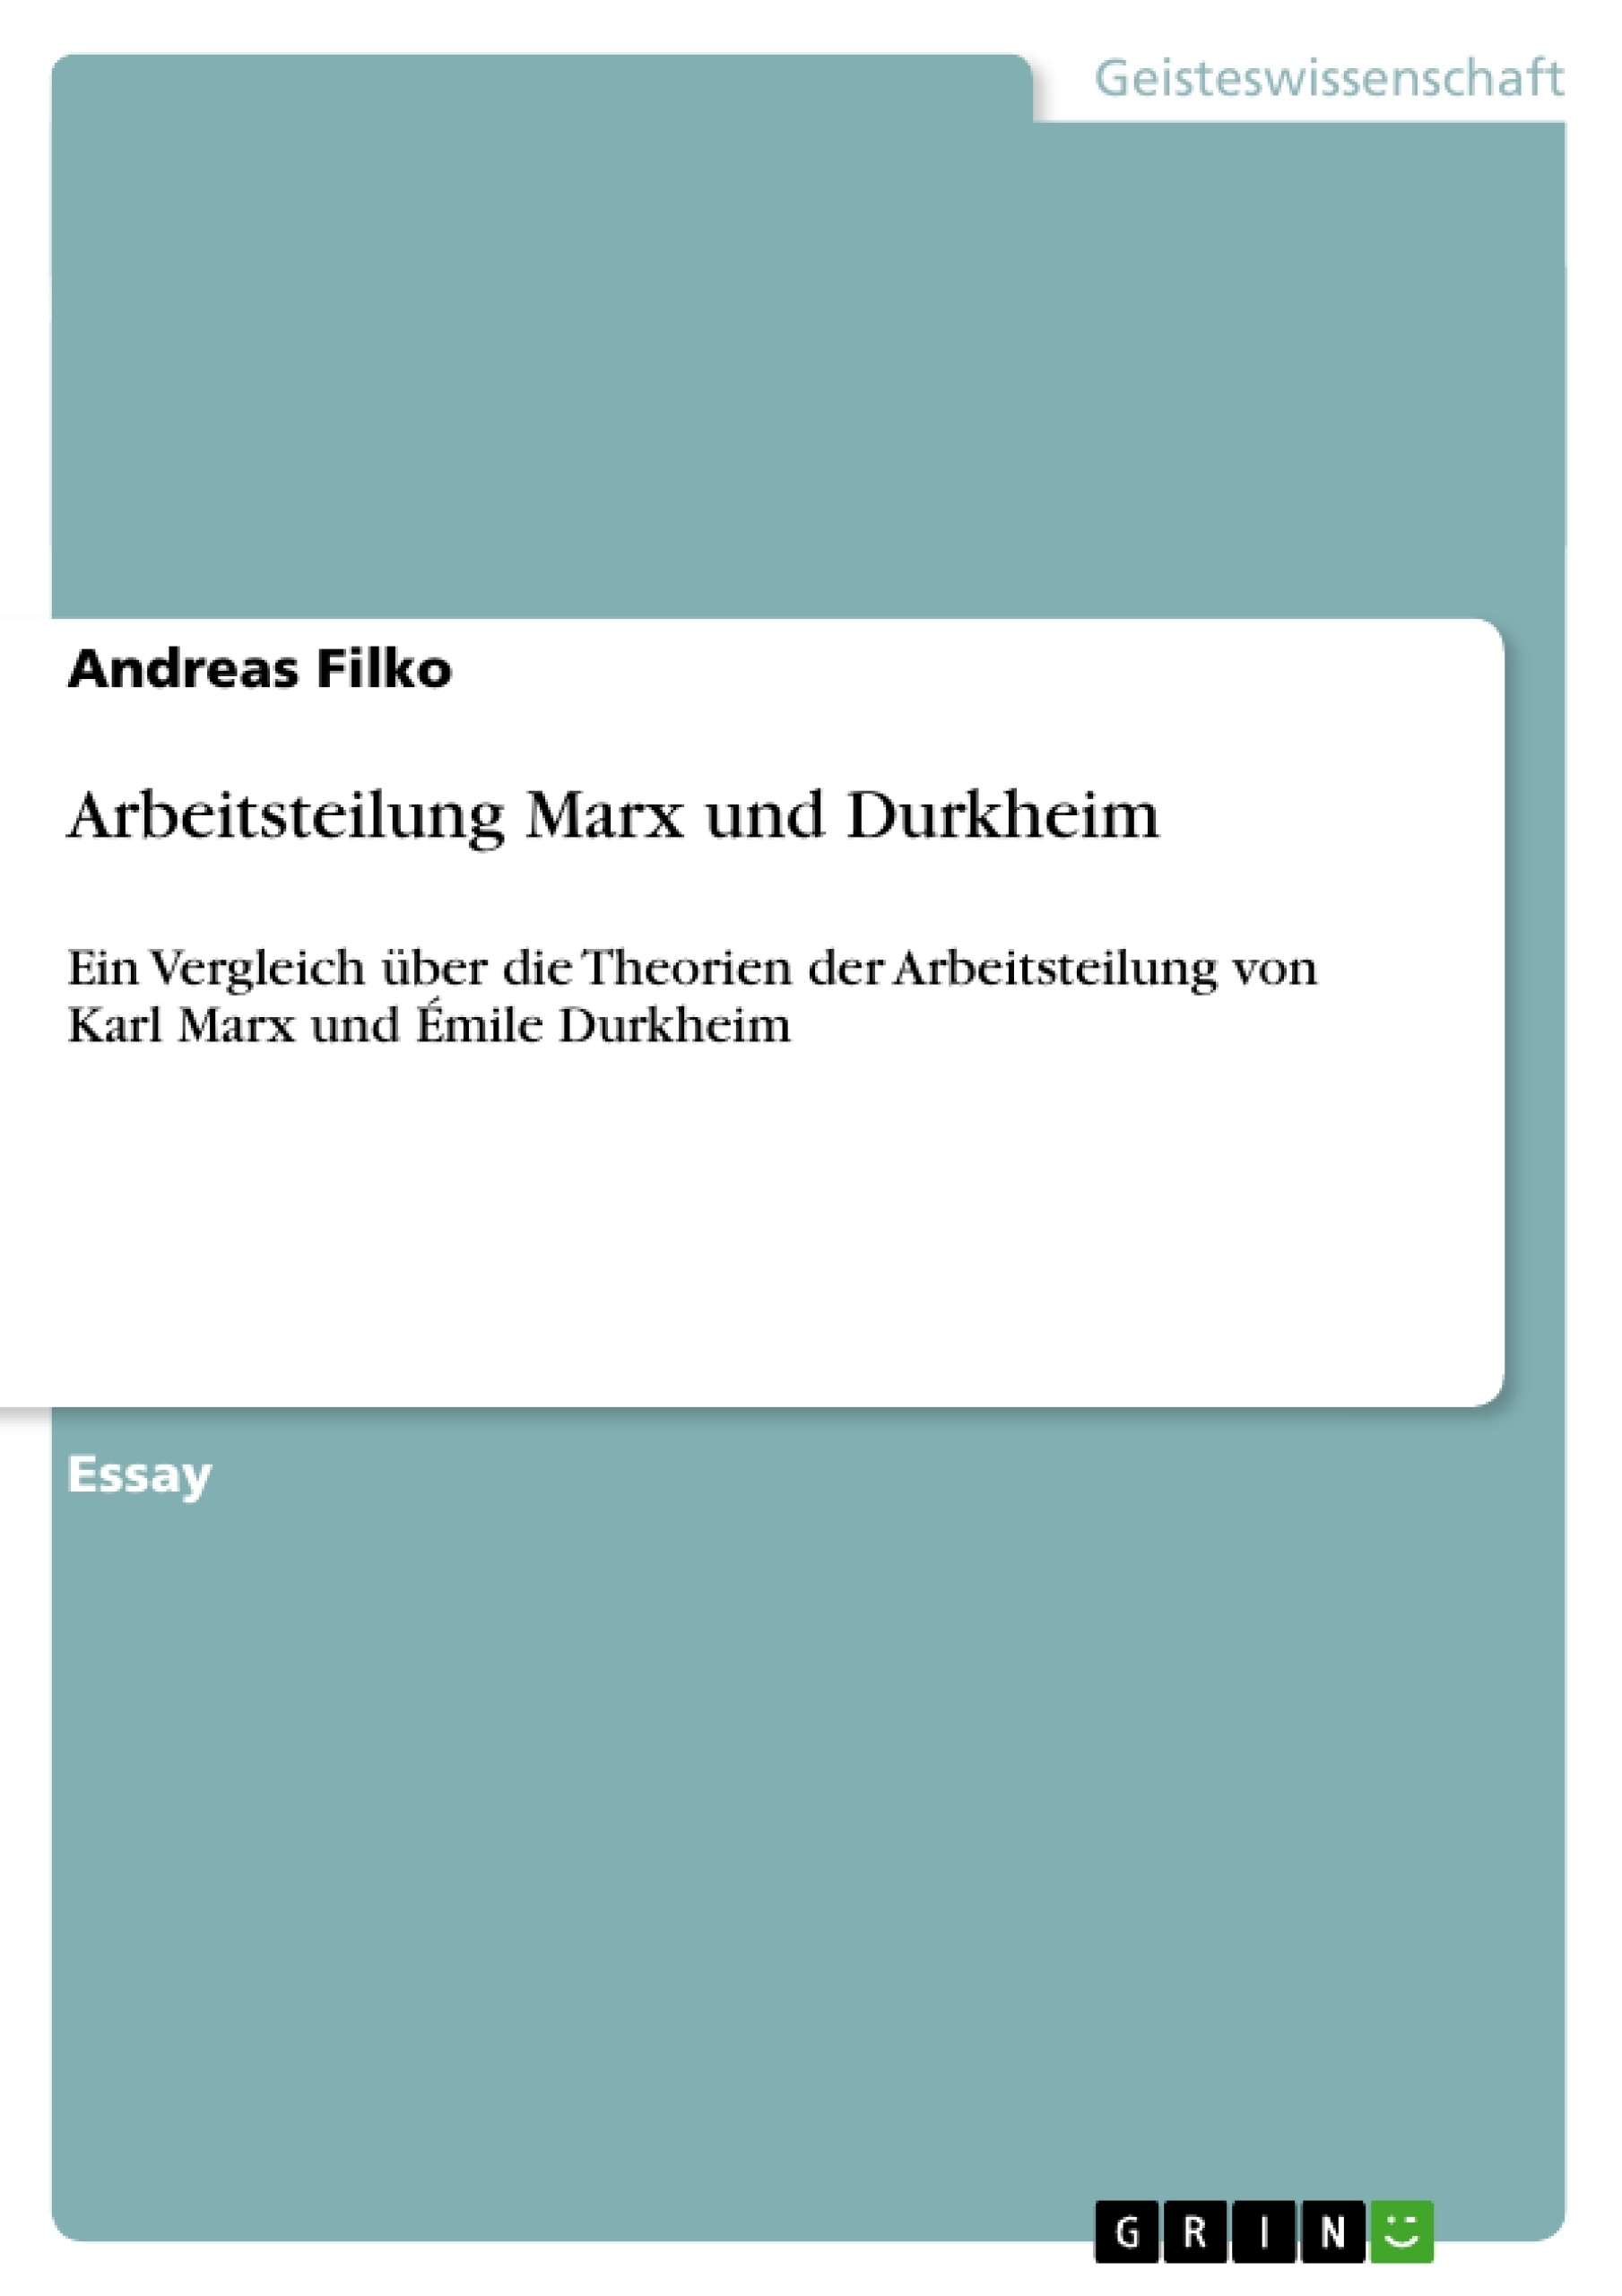 Titel: Arbeitsteilung Marx und Durkheim